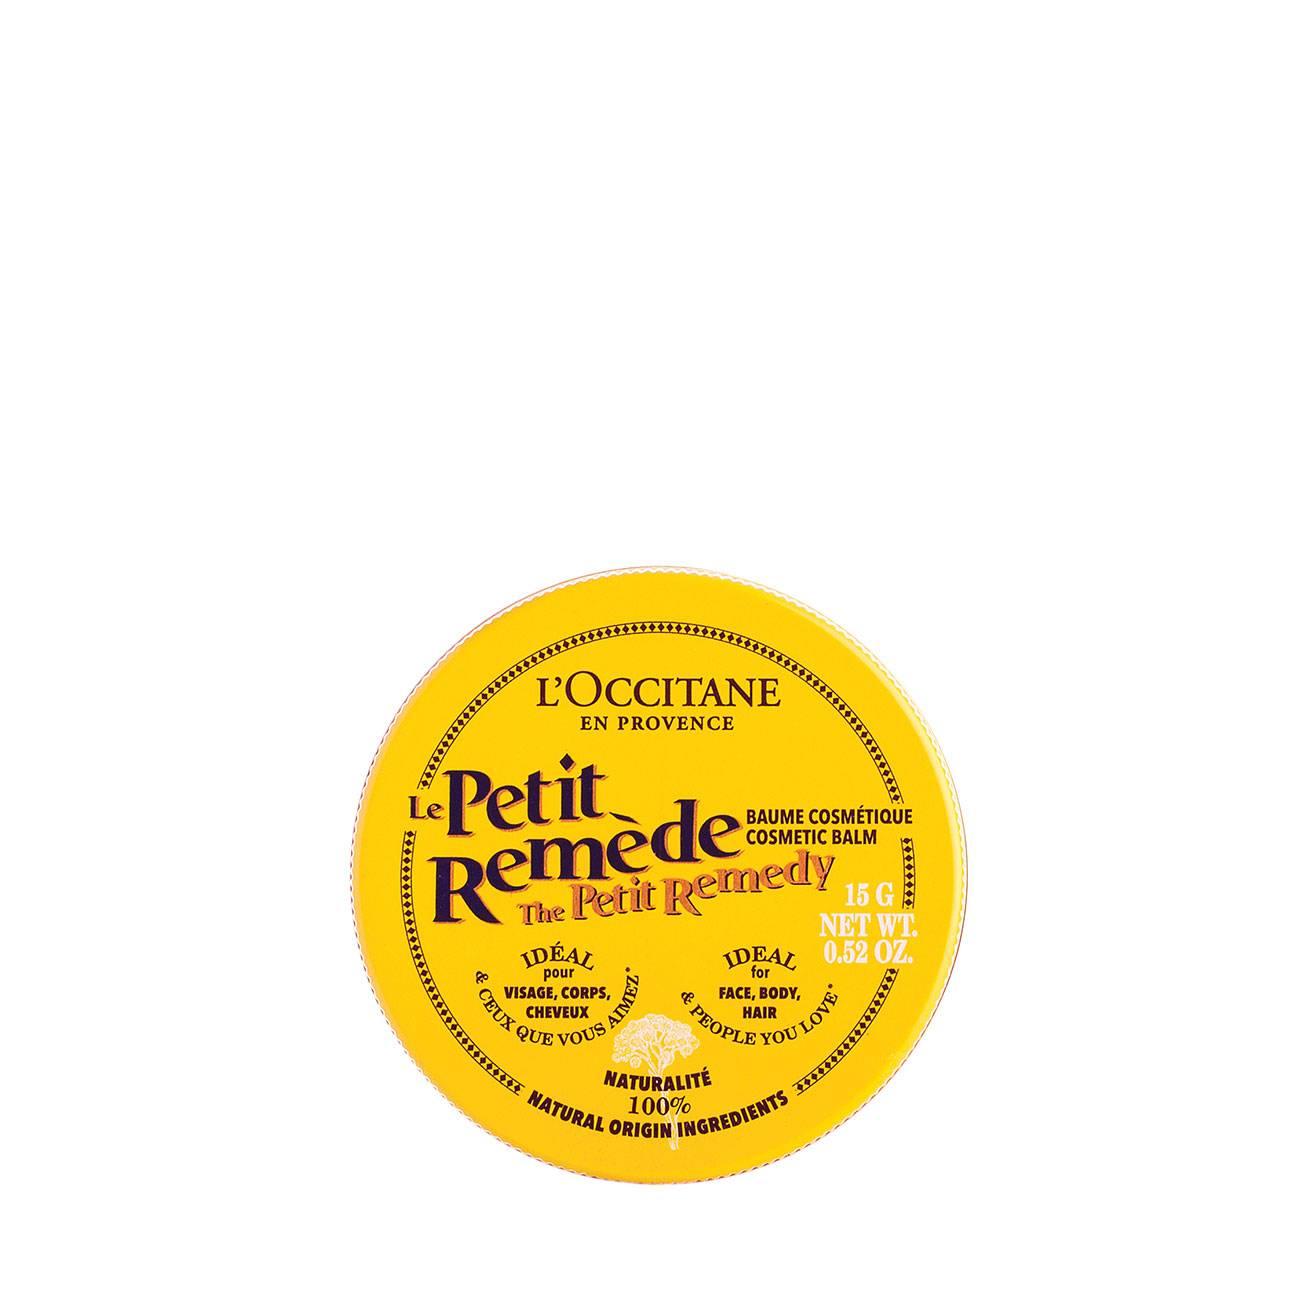 Karite-Shea Butter Petit Remedy Balm 15gr L'occitane imagine 2021 bestvalue.eu